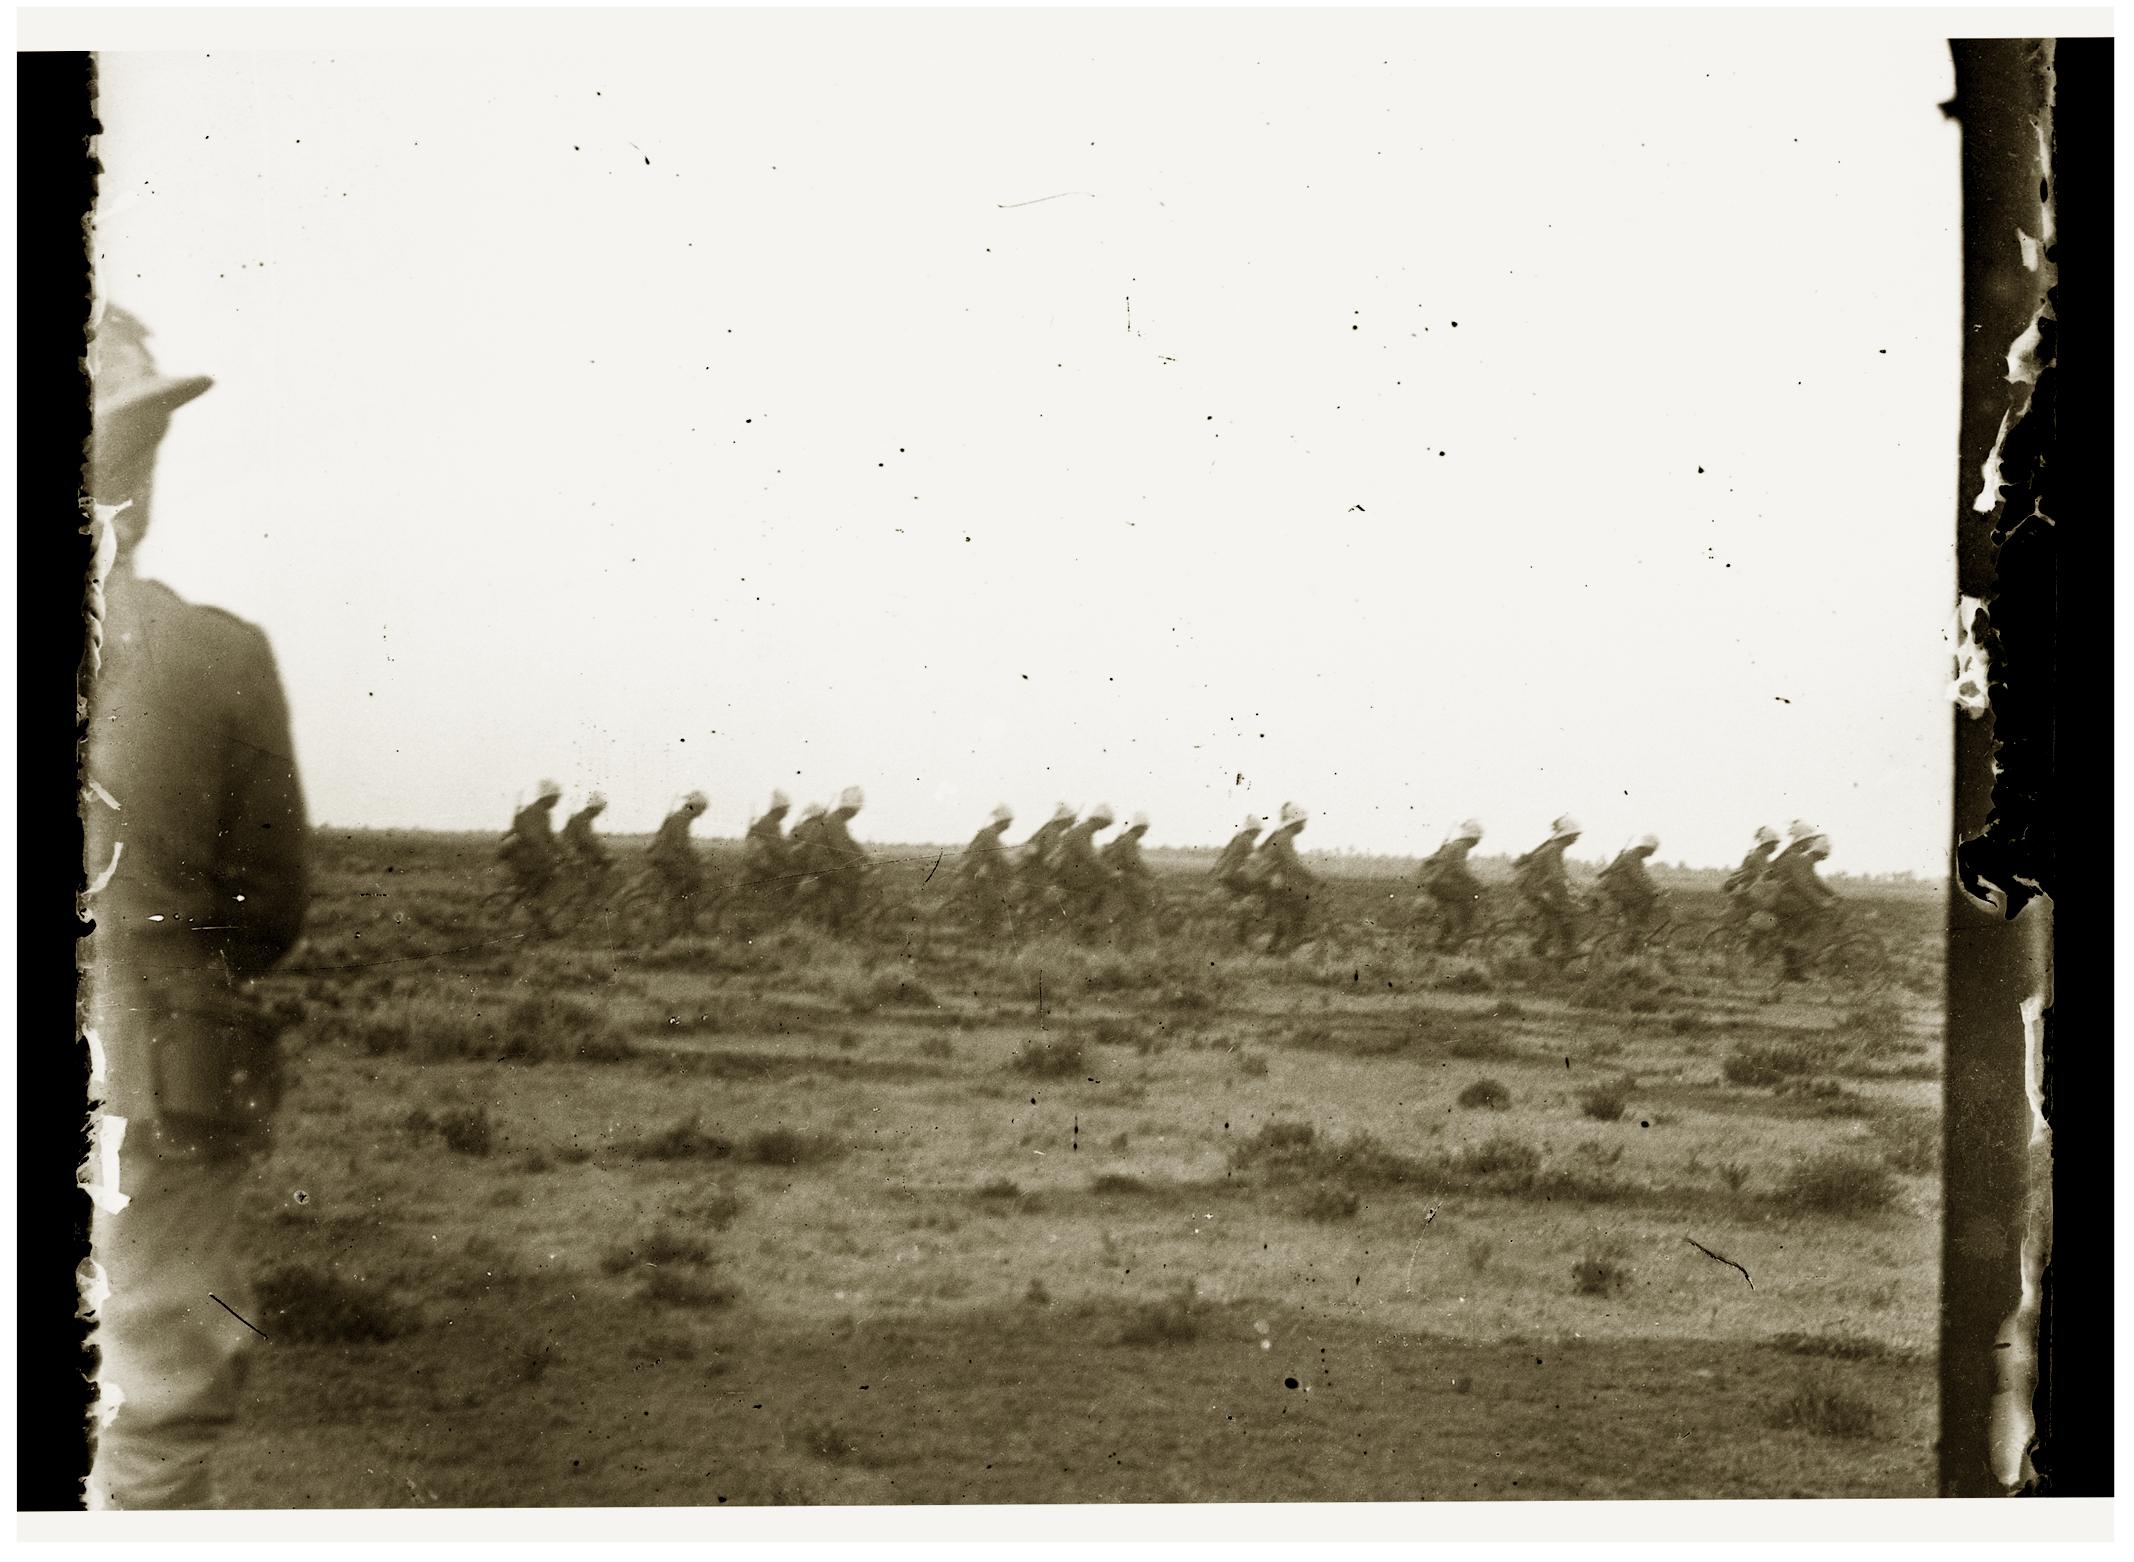 181 - Bersaglieri ciclisti in Libia.jpg